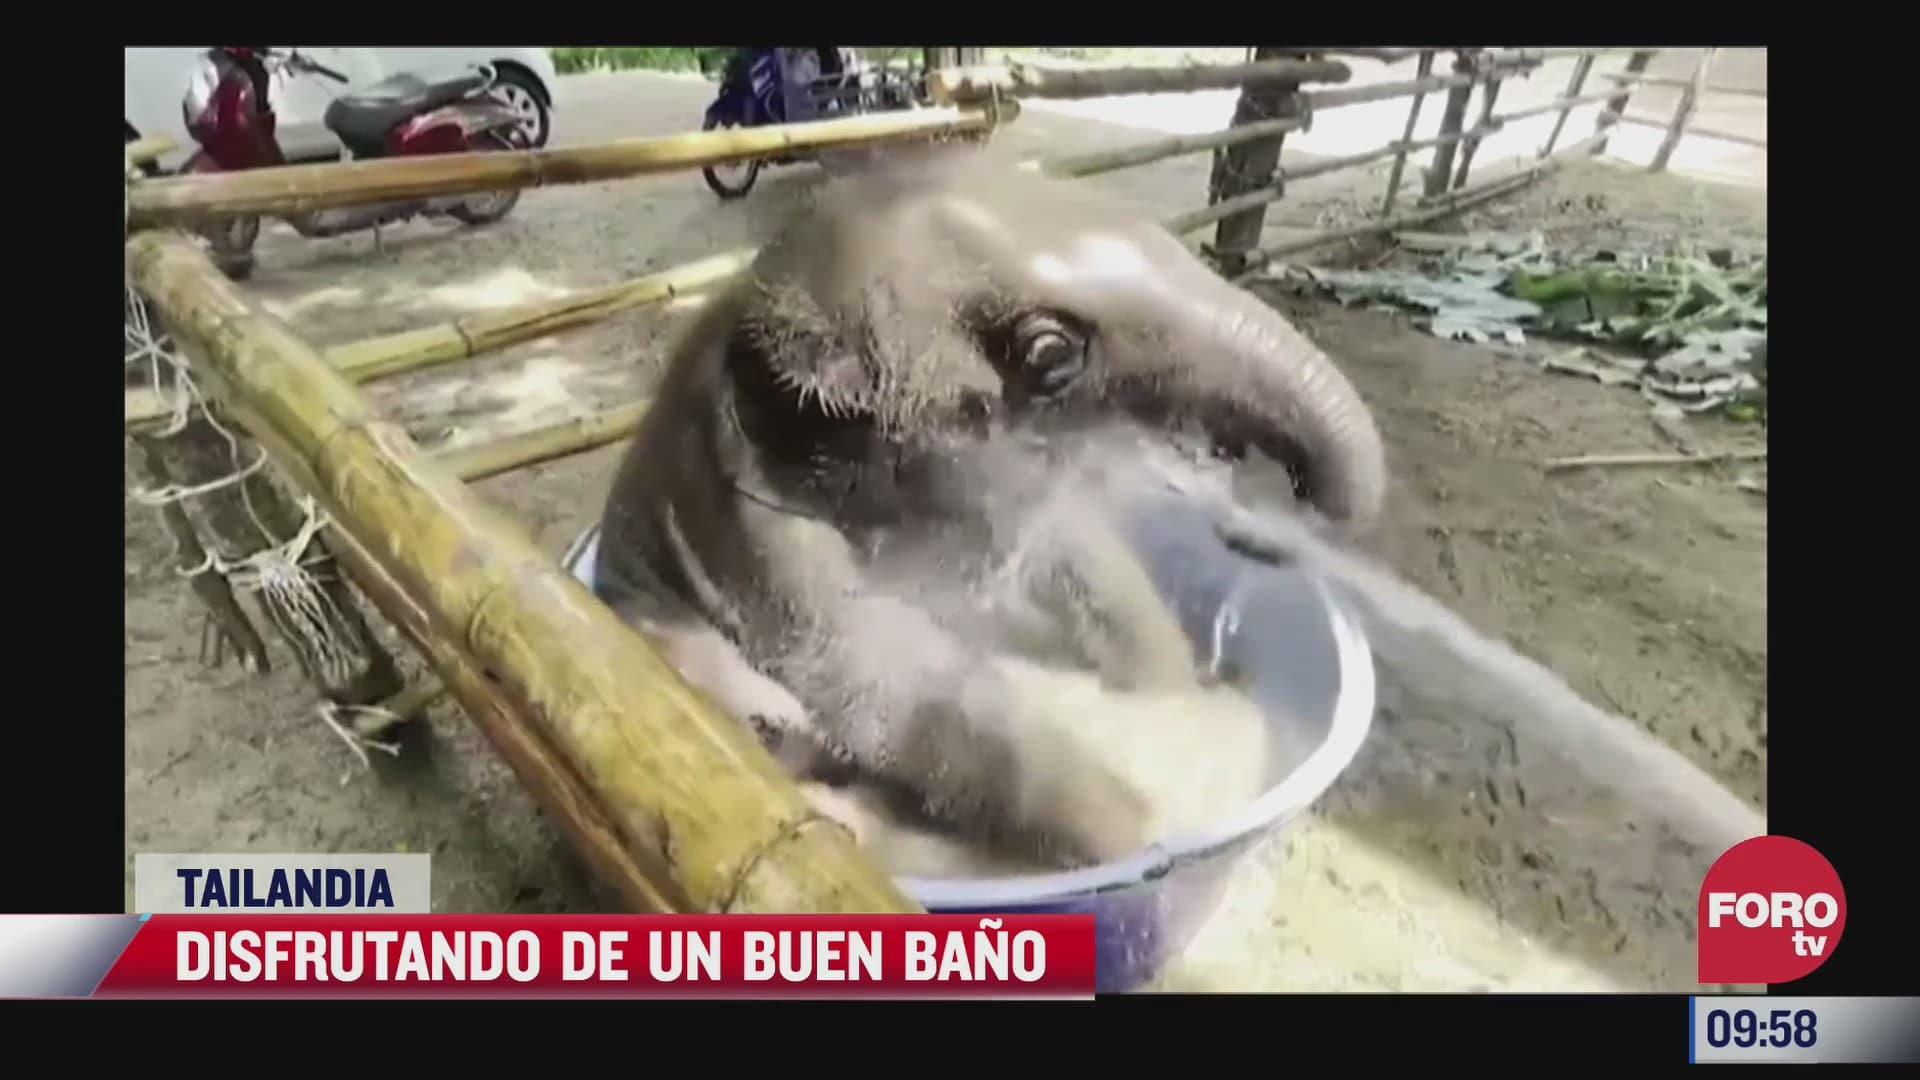 elefantito disfruta de su bano